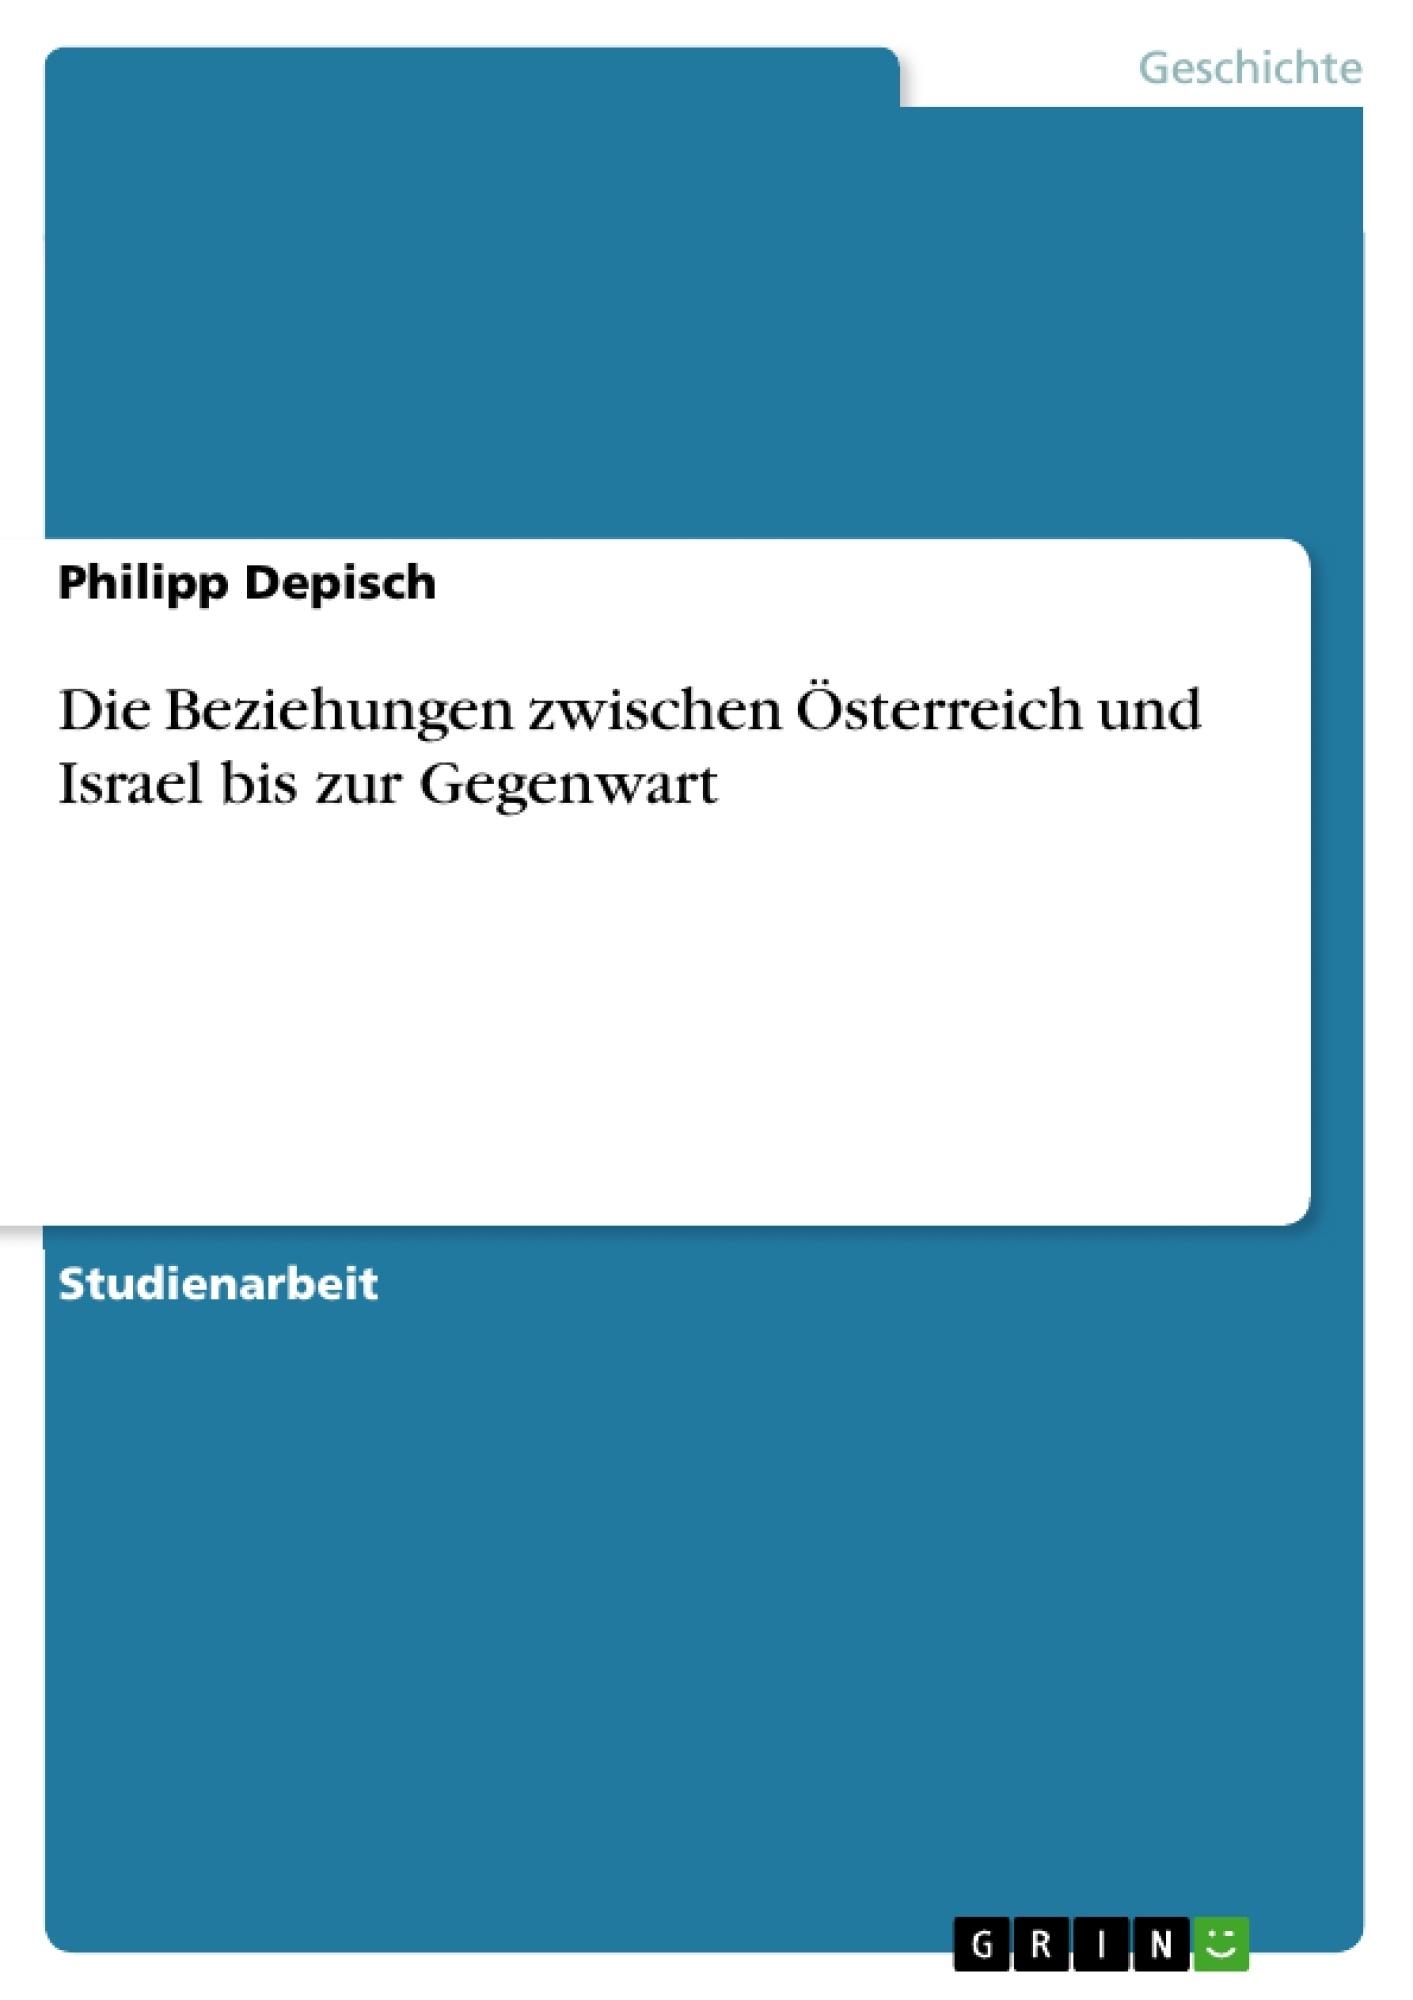 Titel: Die Beziehungen zwischen Österreich und Israel bis zur Gegenwart